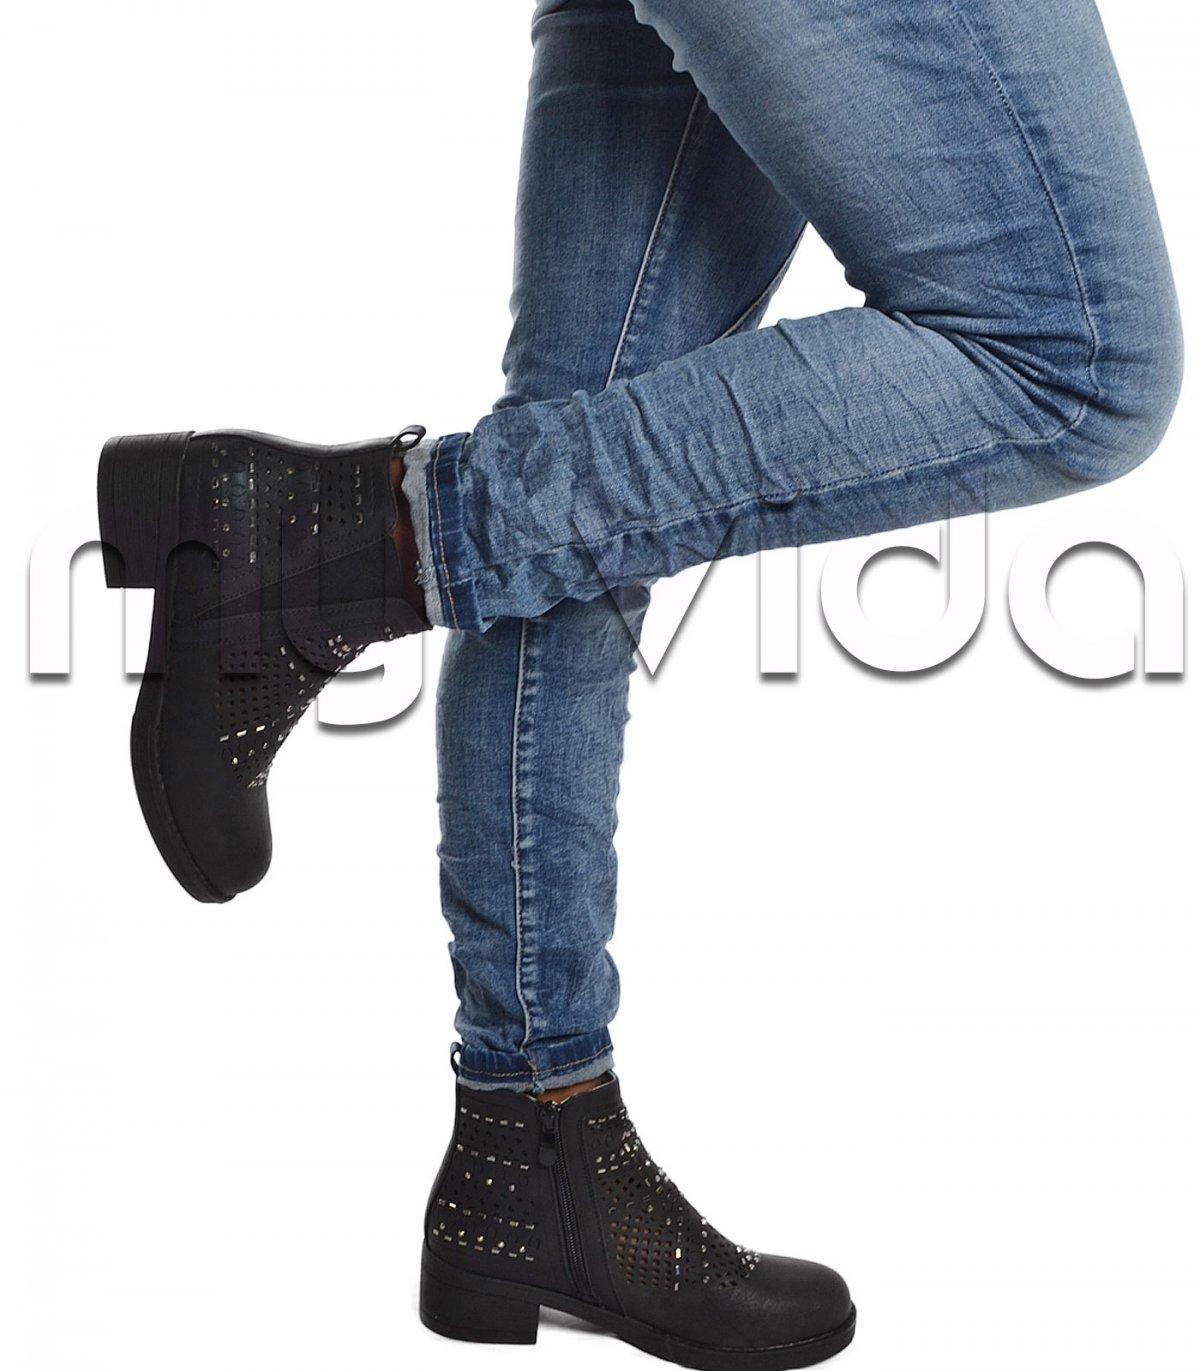 scarpe originali grandi affari grandi affari Stivaletto donna basso caviglia traforato strass | My Vida